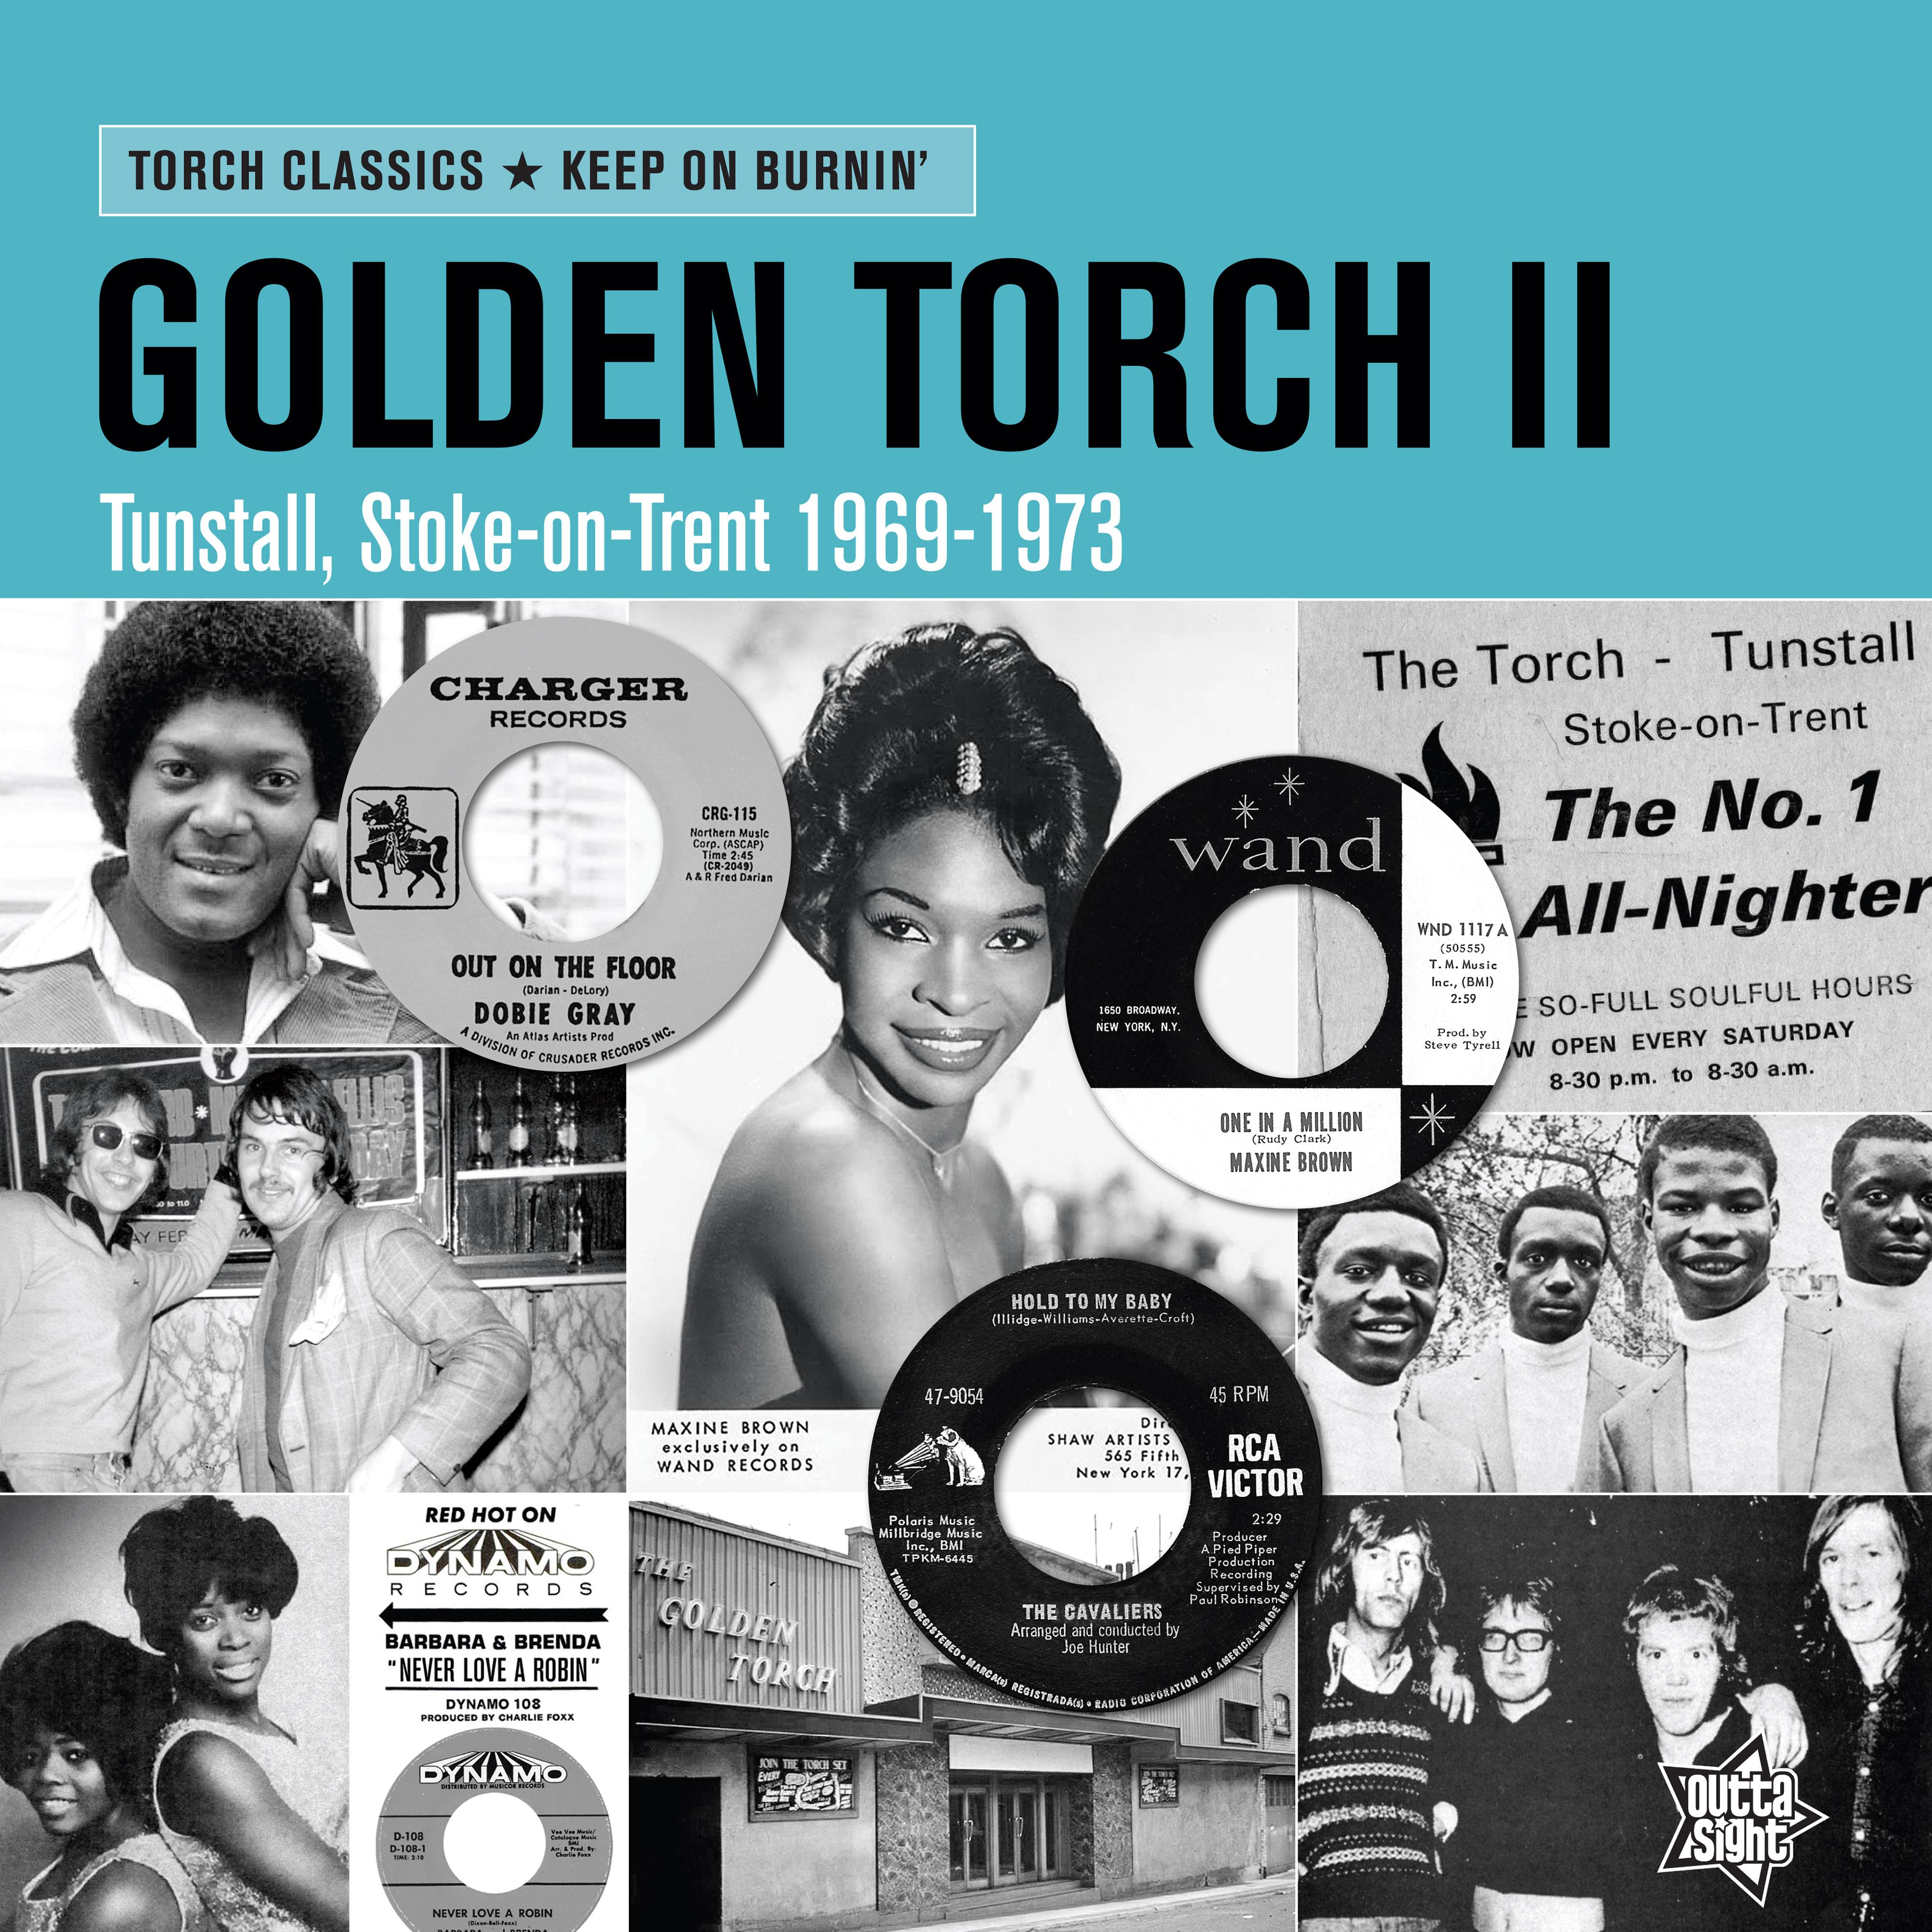 Northern Soul/GOLDEN TORCH V2 (69-73) LP